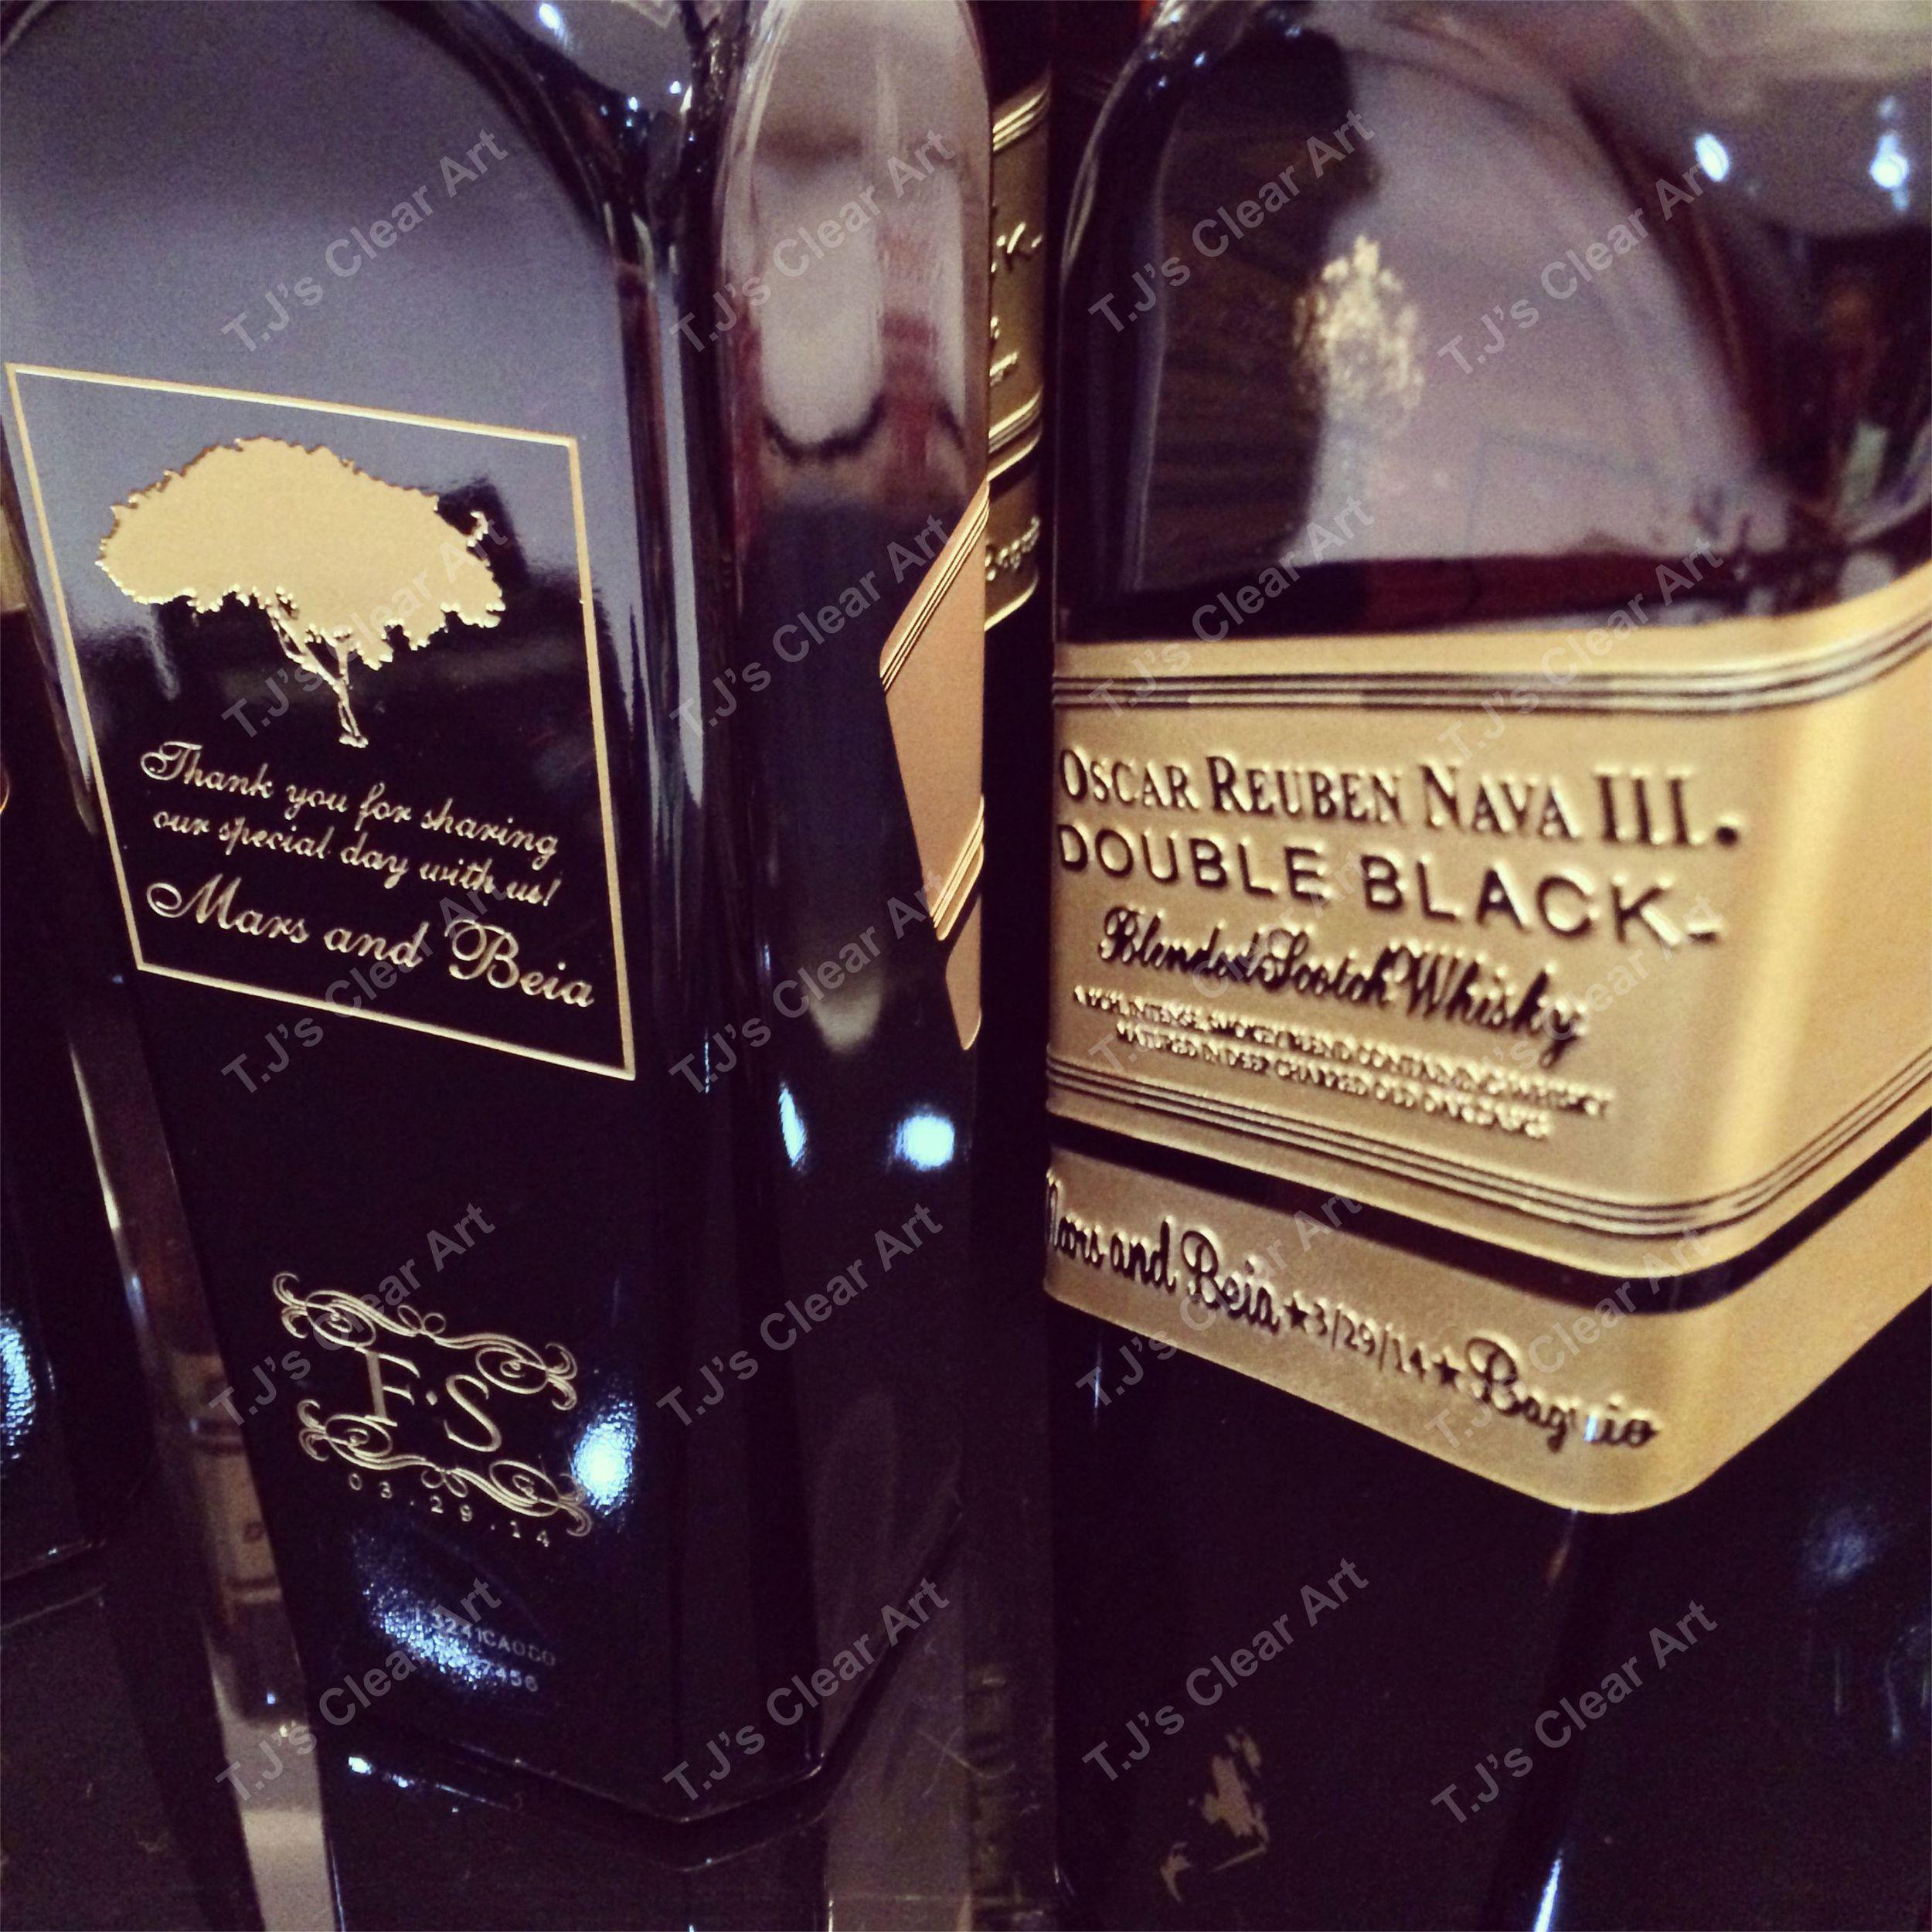 Etched Double Black Label Bottle